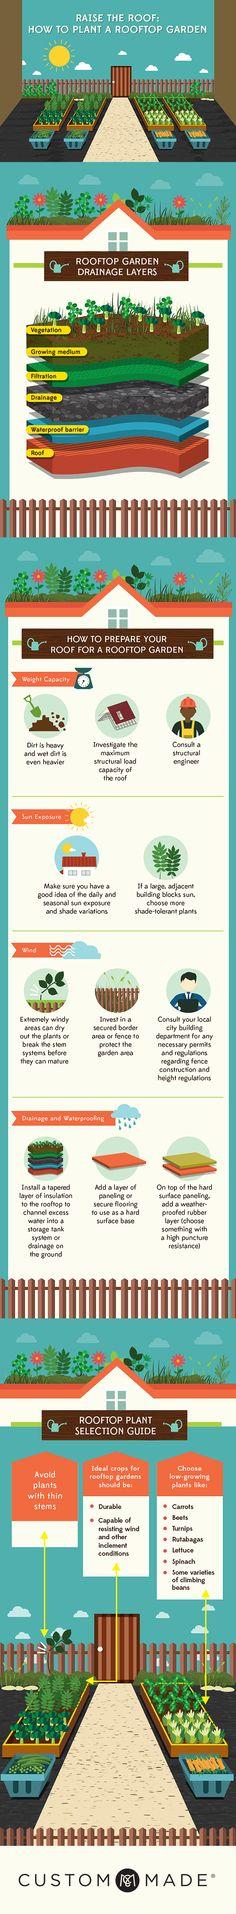 How to Plant a Rooftop Garden - Garden Matter